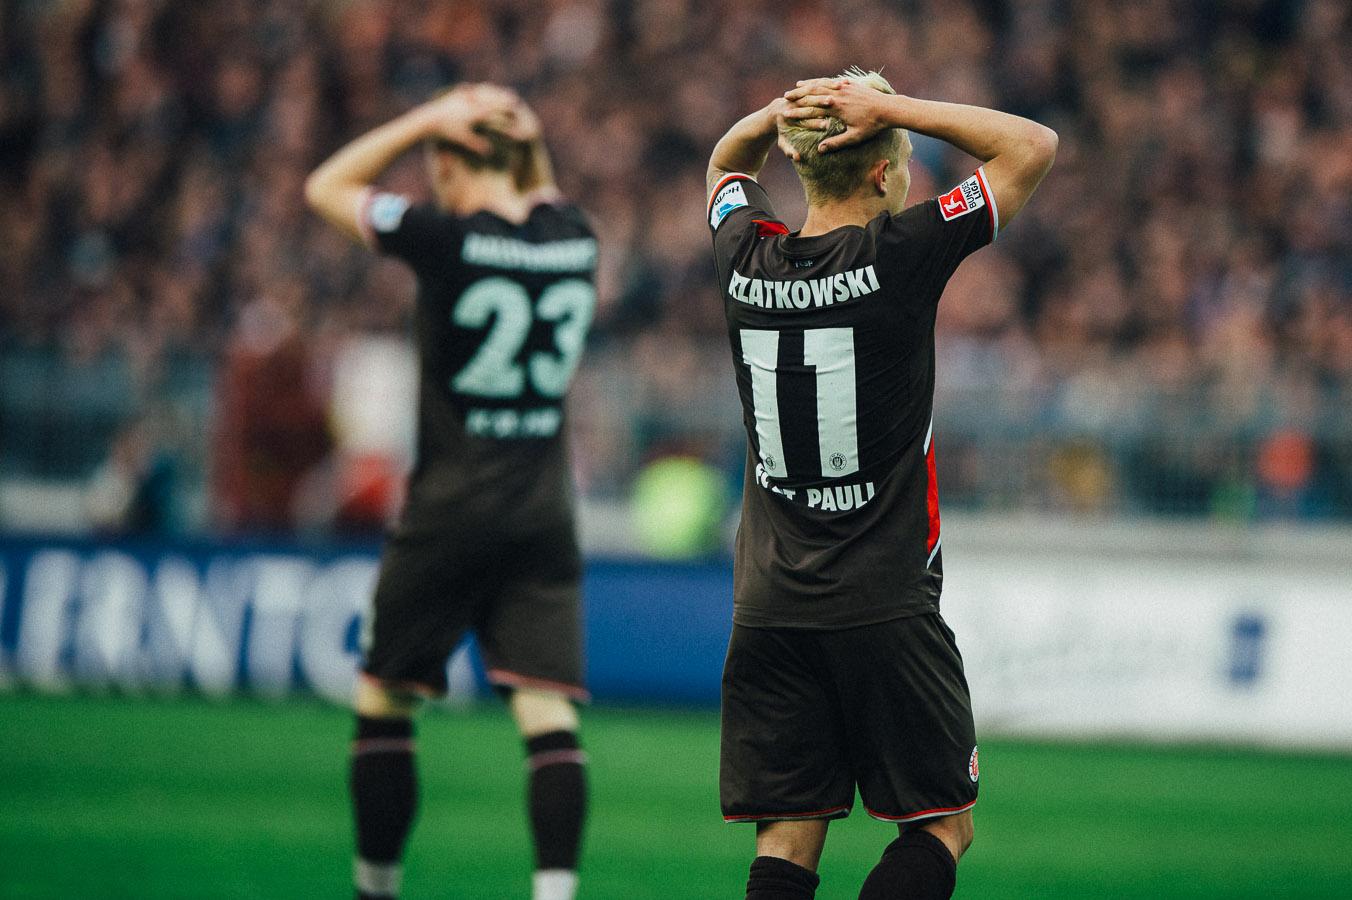 Fussball, 2. Bundesliga, Millerntor